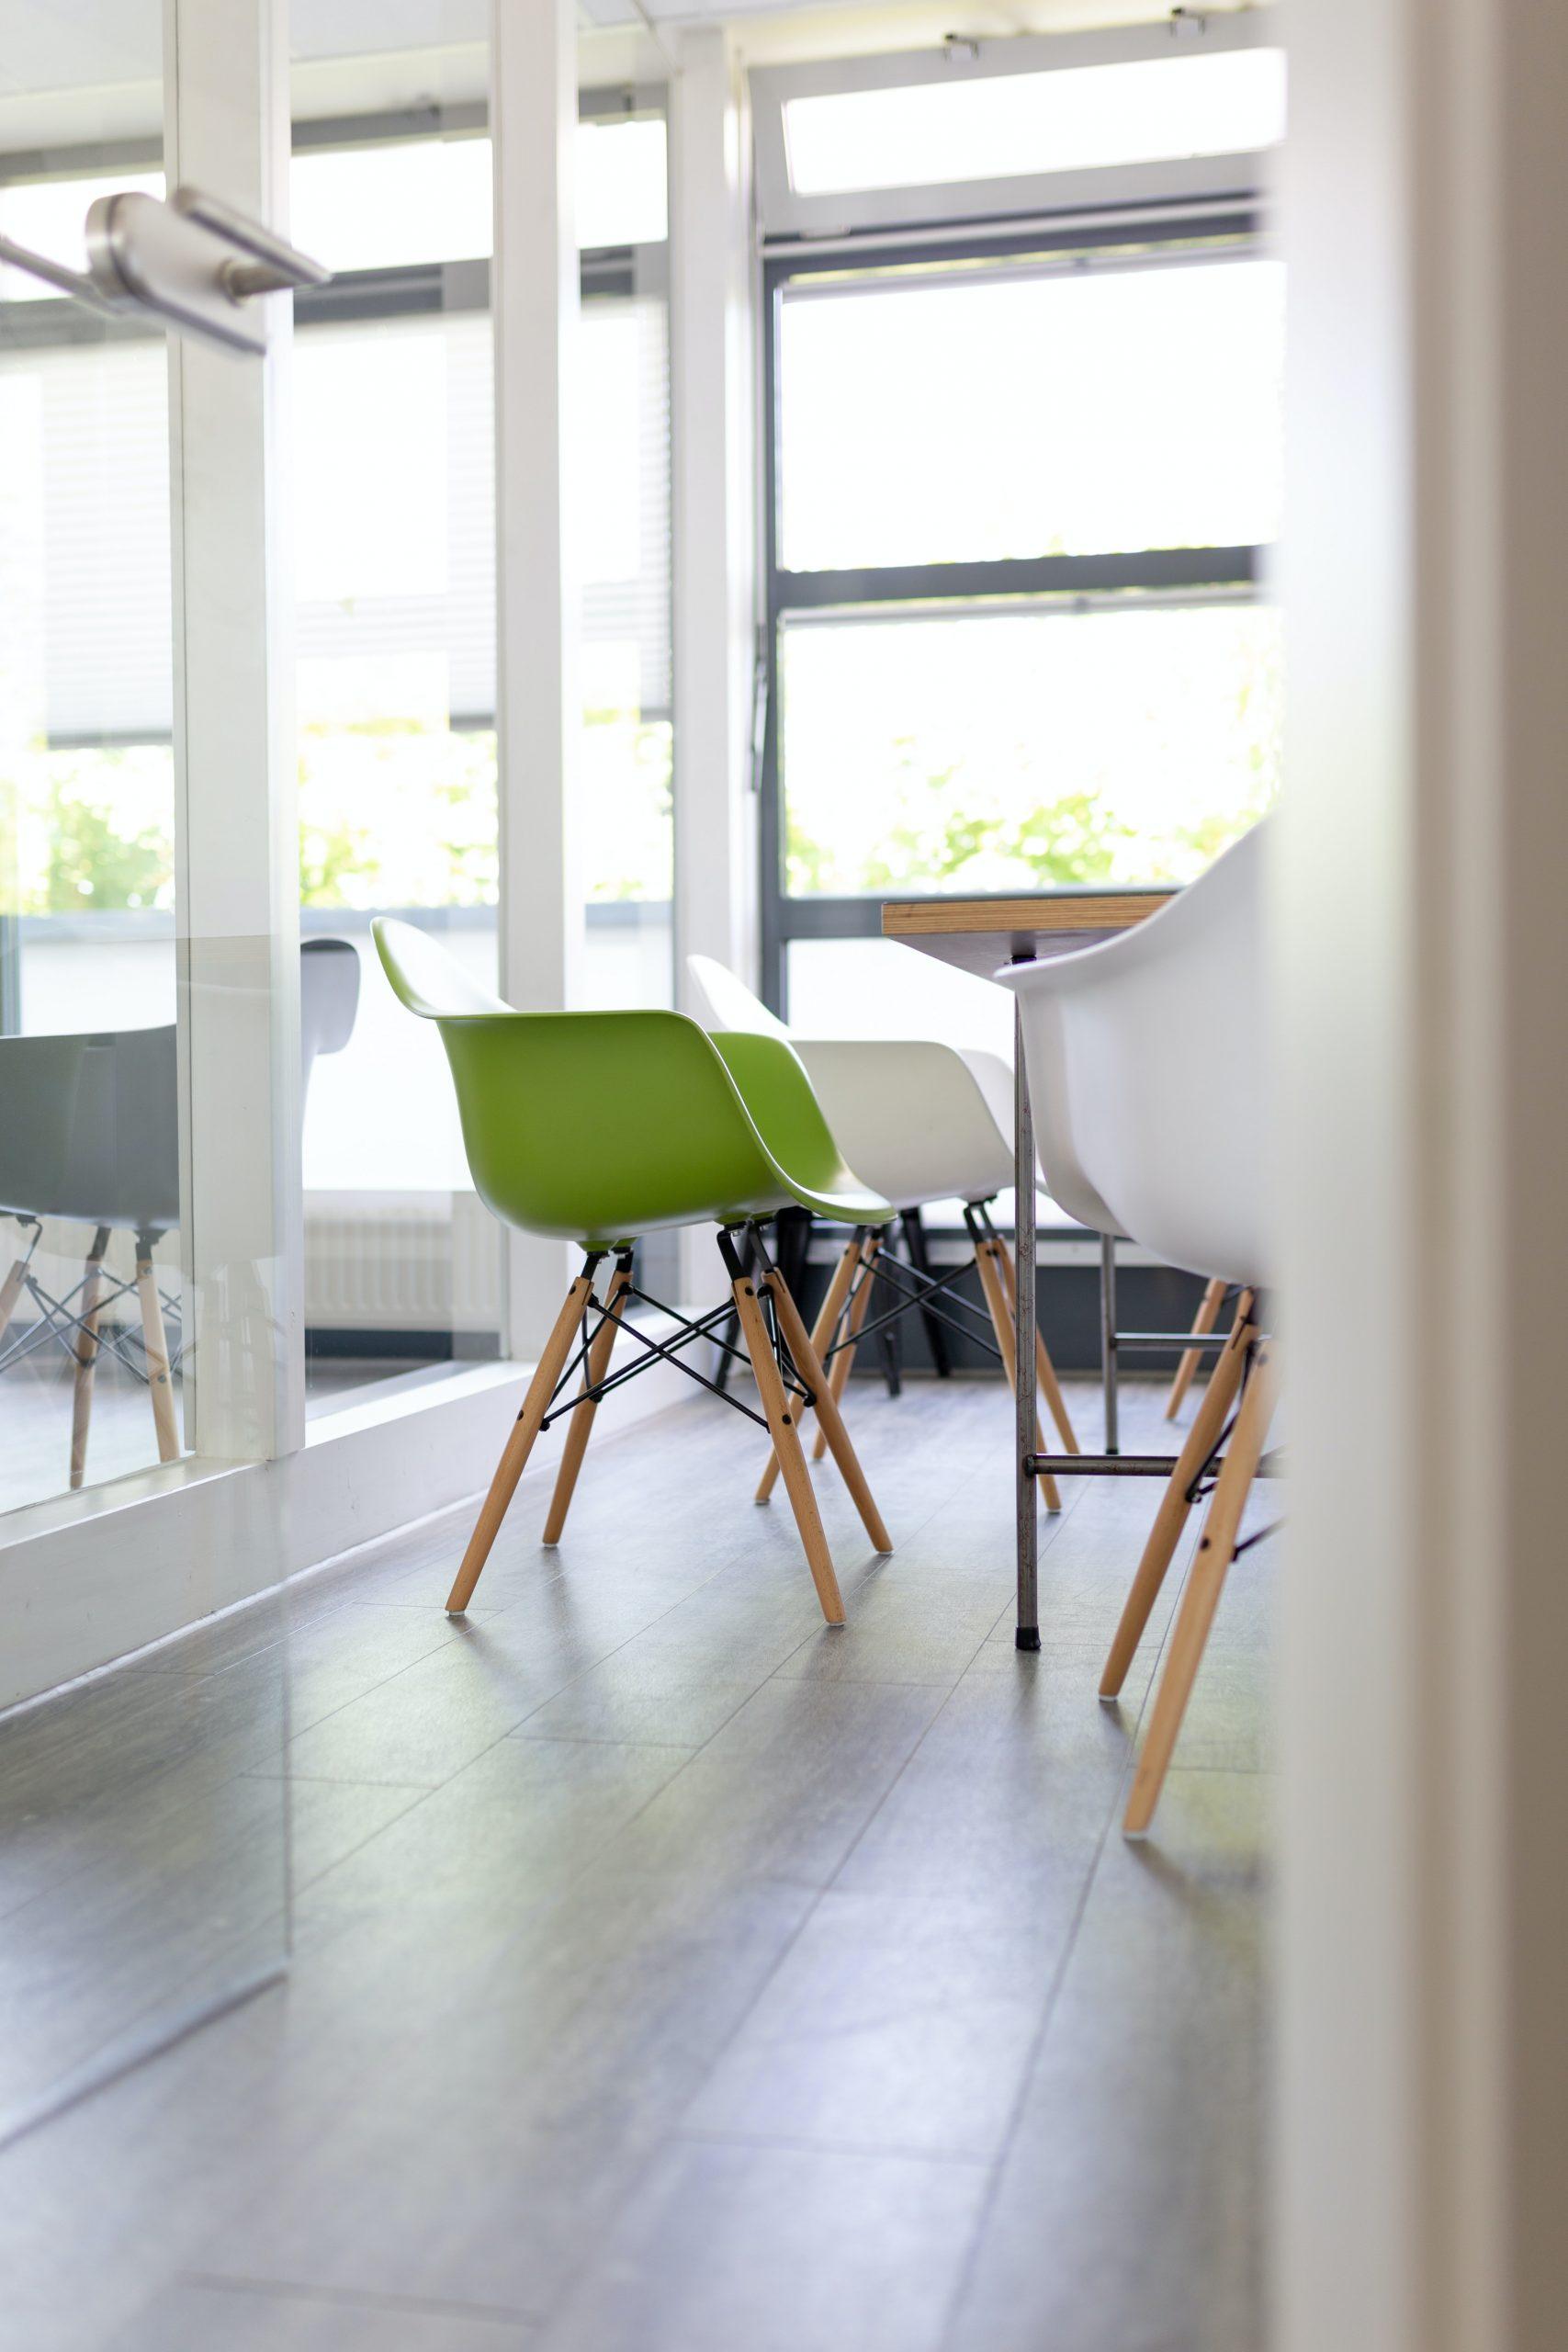 chaise verte avec personne absentéisme